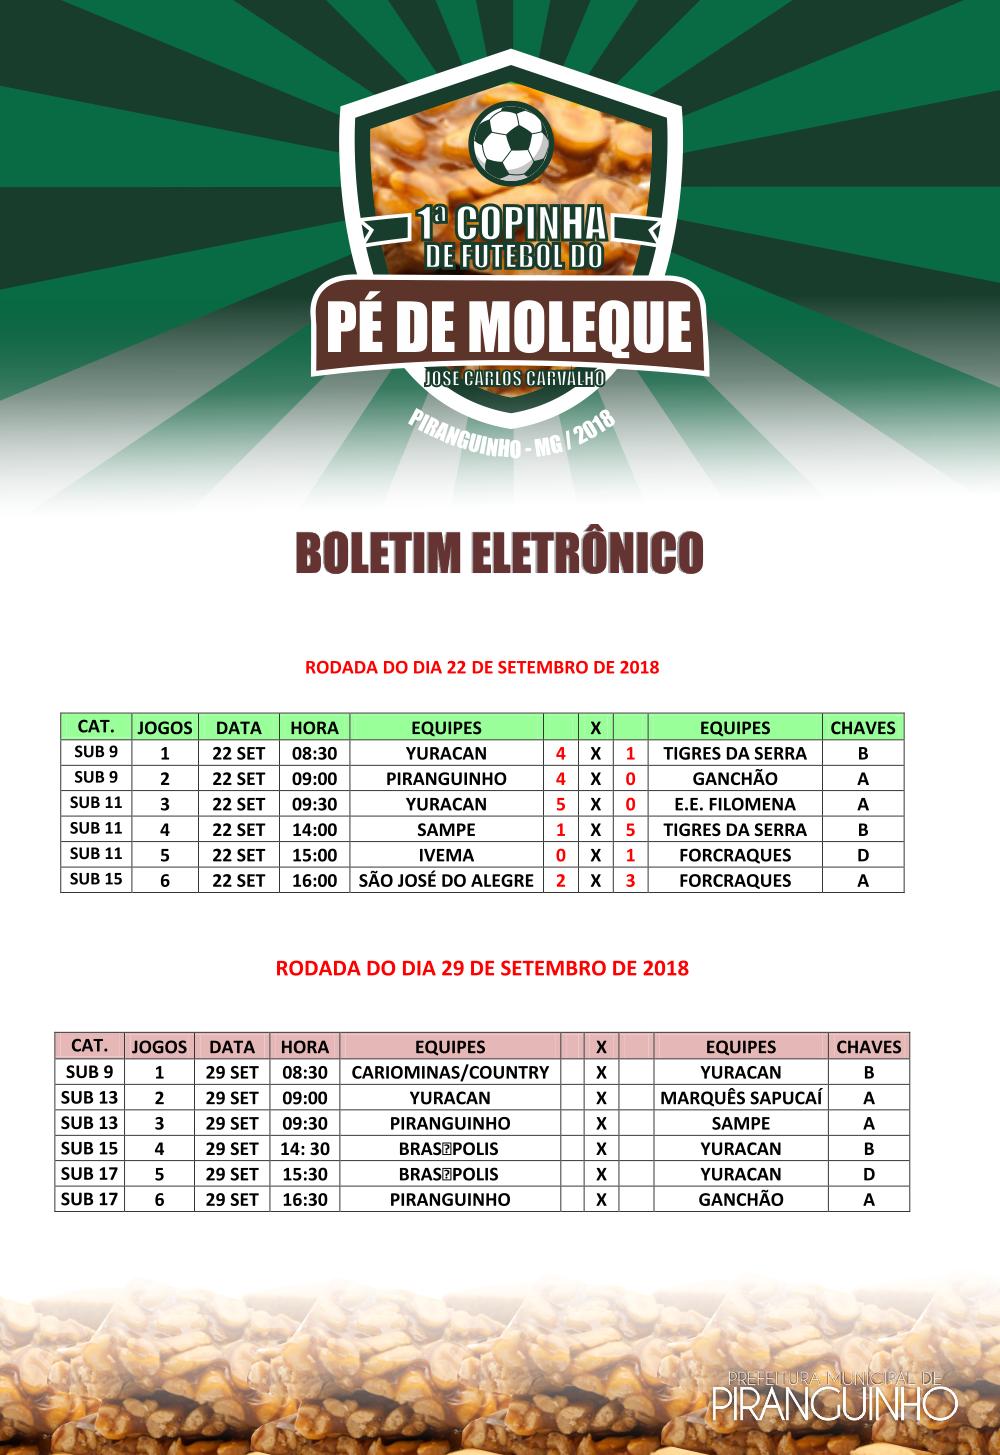 BOLETIM ELETRÔNICO COPA PE DE MOLEQUE 2